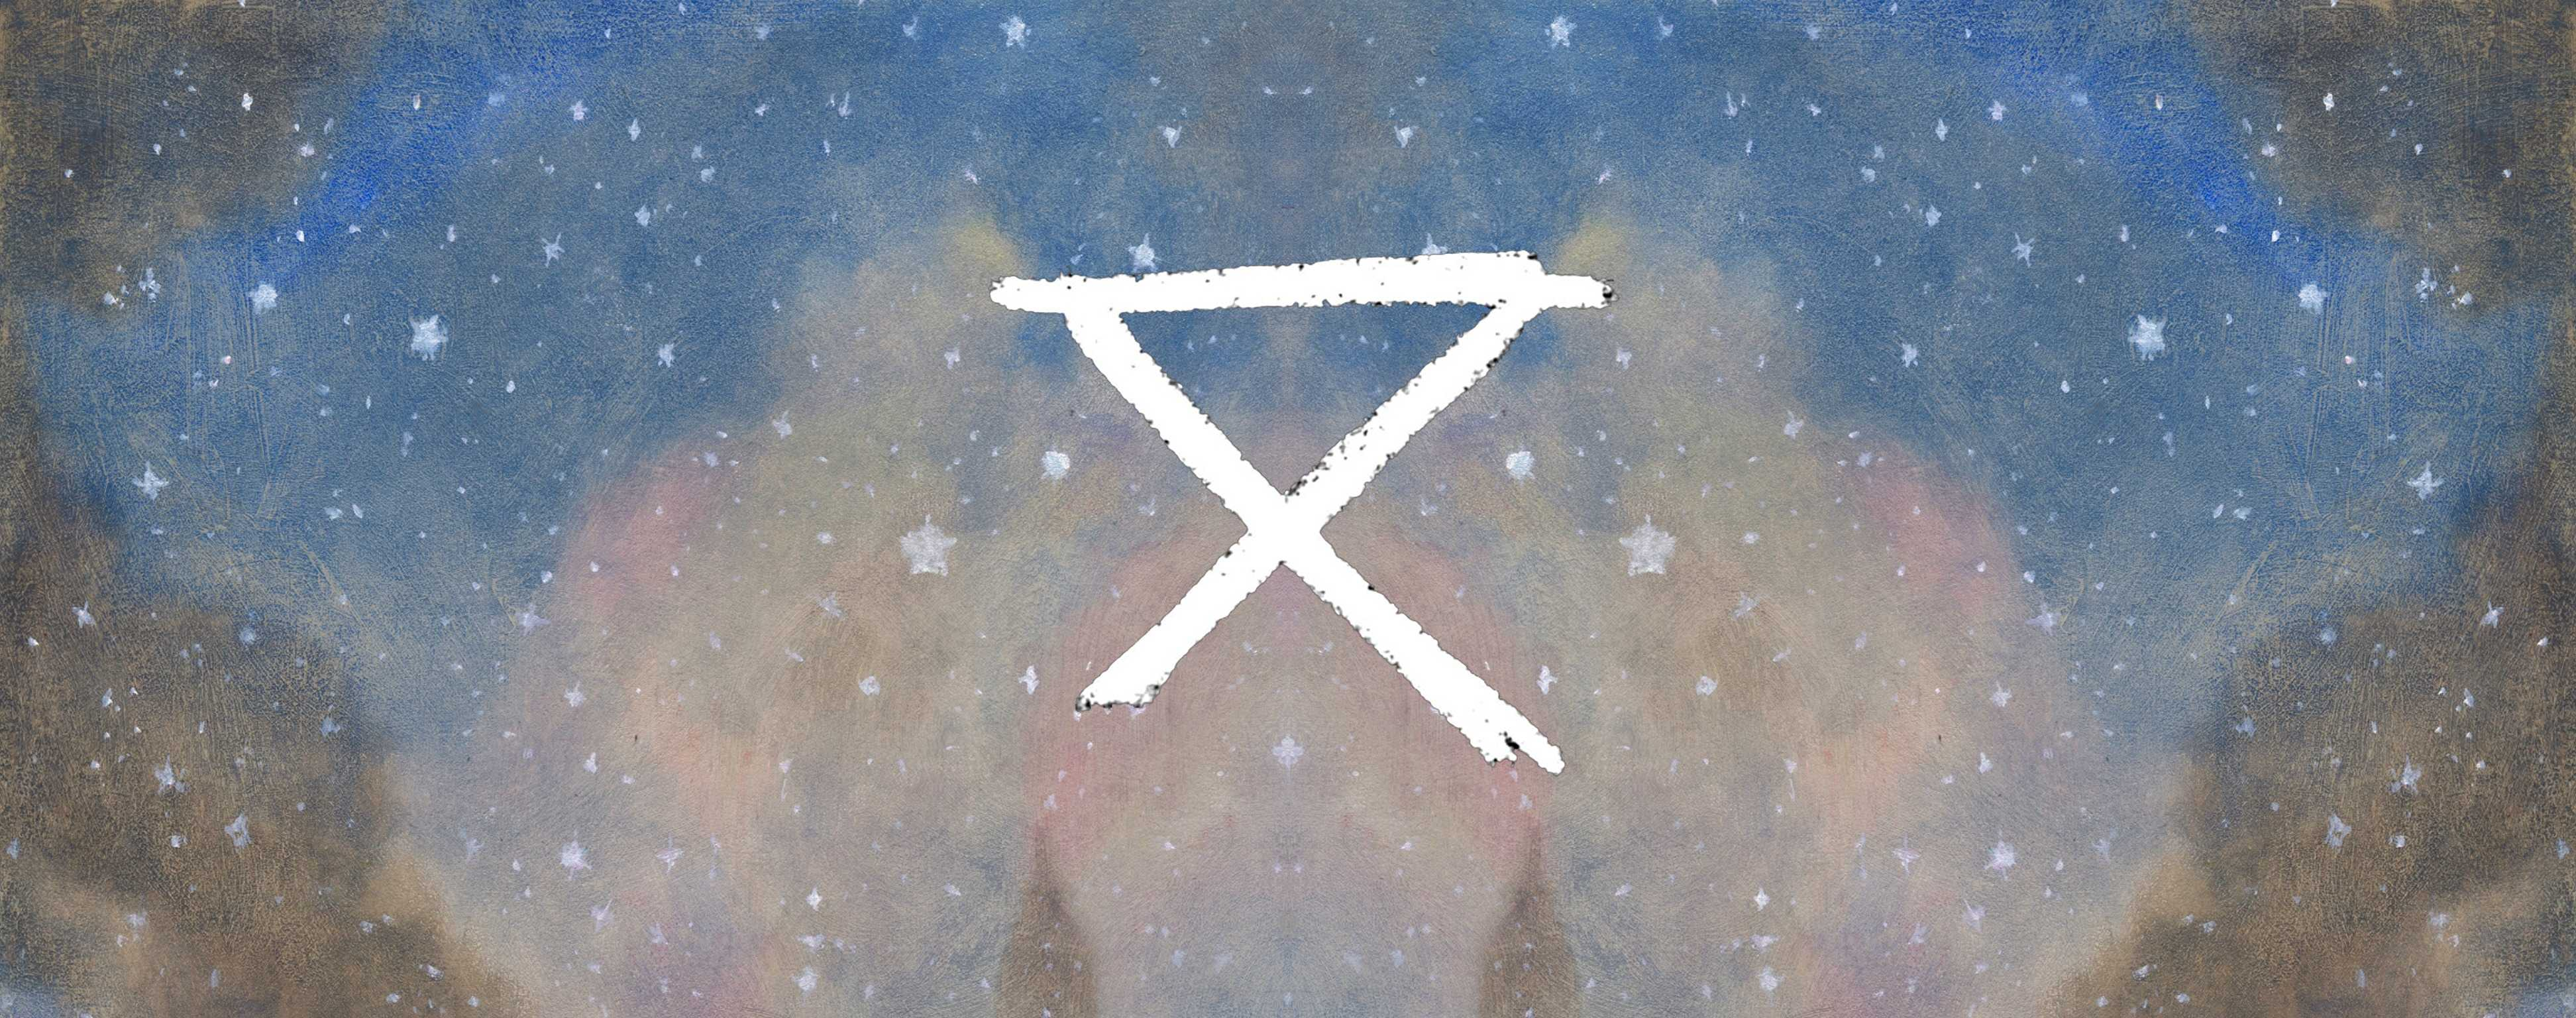 The Amulet New Album From Circa Survive K Ute Radio